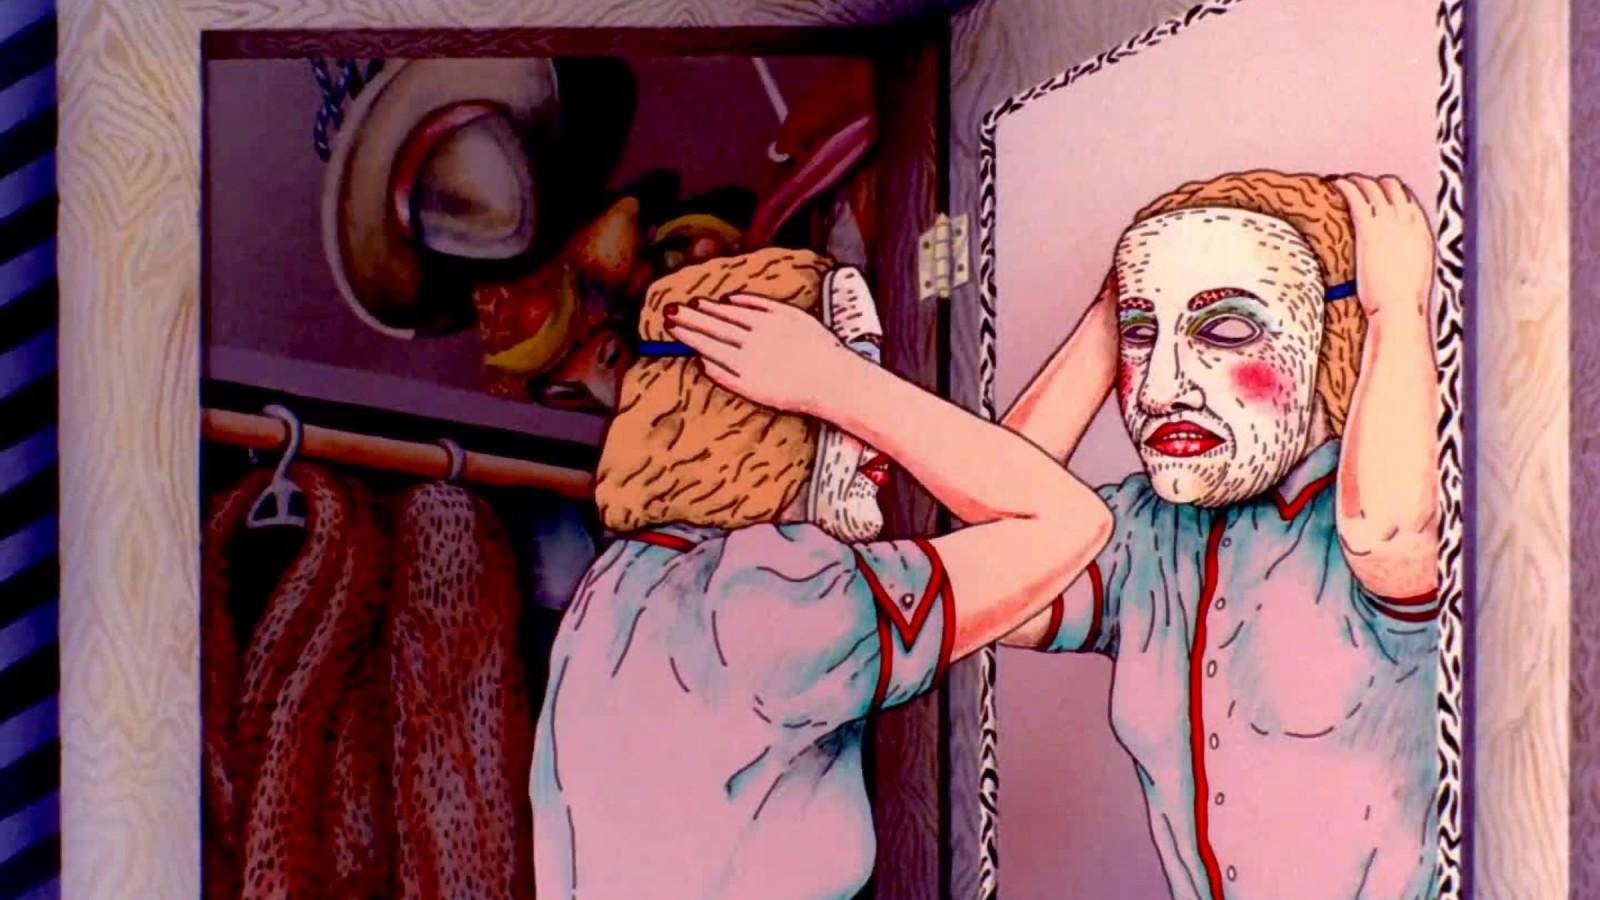 Fever Dreamer: Suzan Pitt's Feminist Fantasias